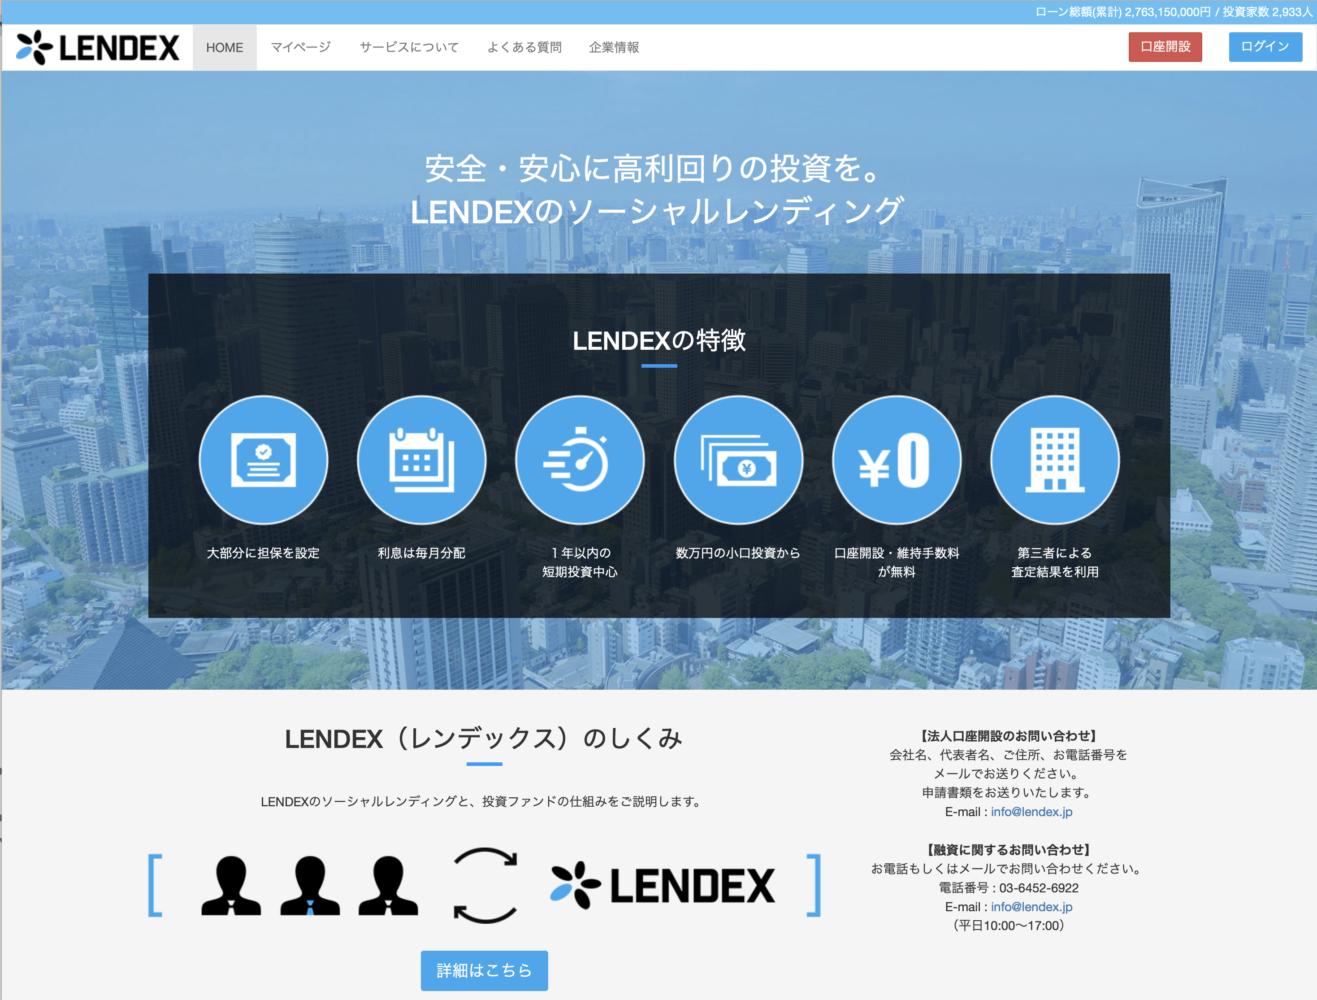 ソーシャルレンディング LENDEX